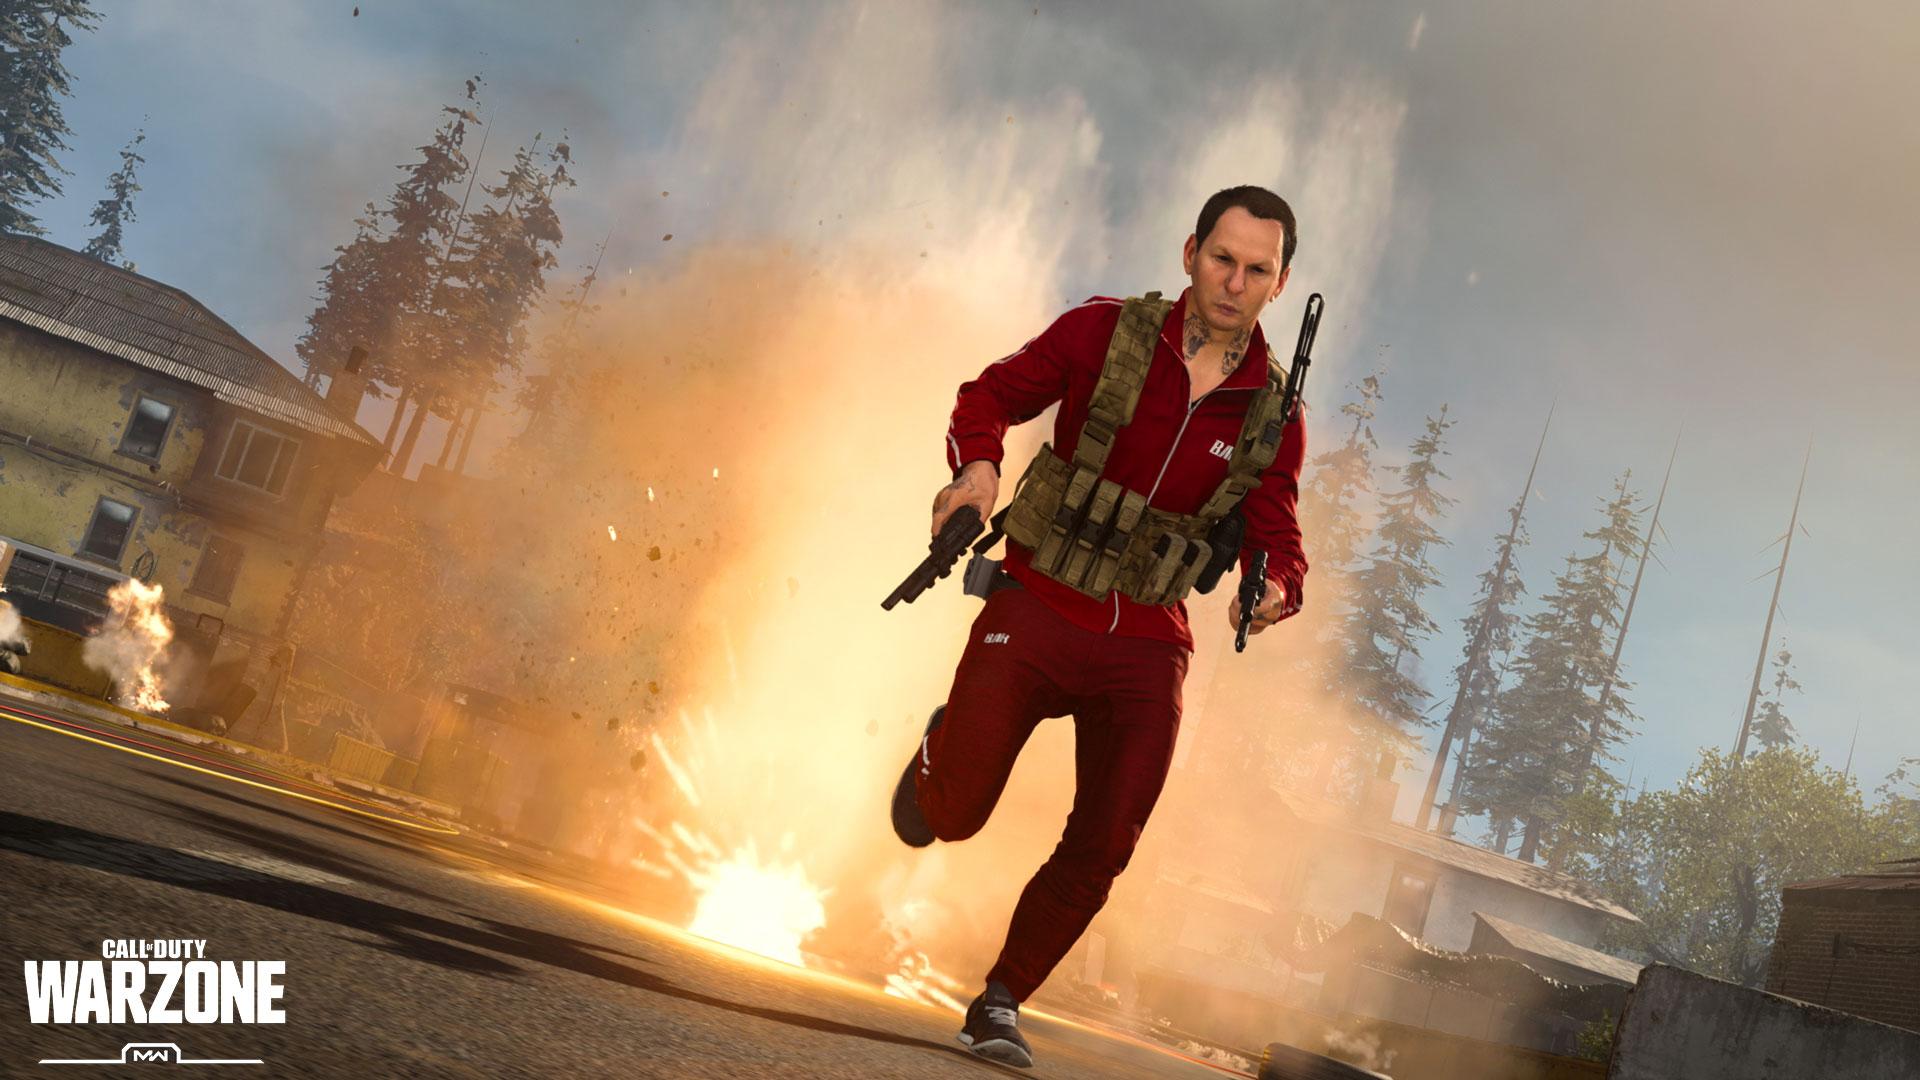 Call of Duty: Warzone parche agrega nuevo modo y armas, aumenta el precio de las caídas de carga 80